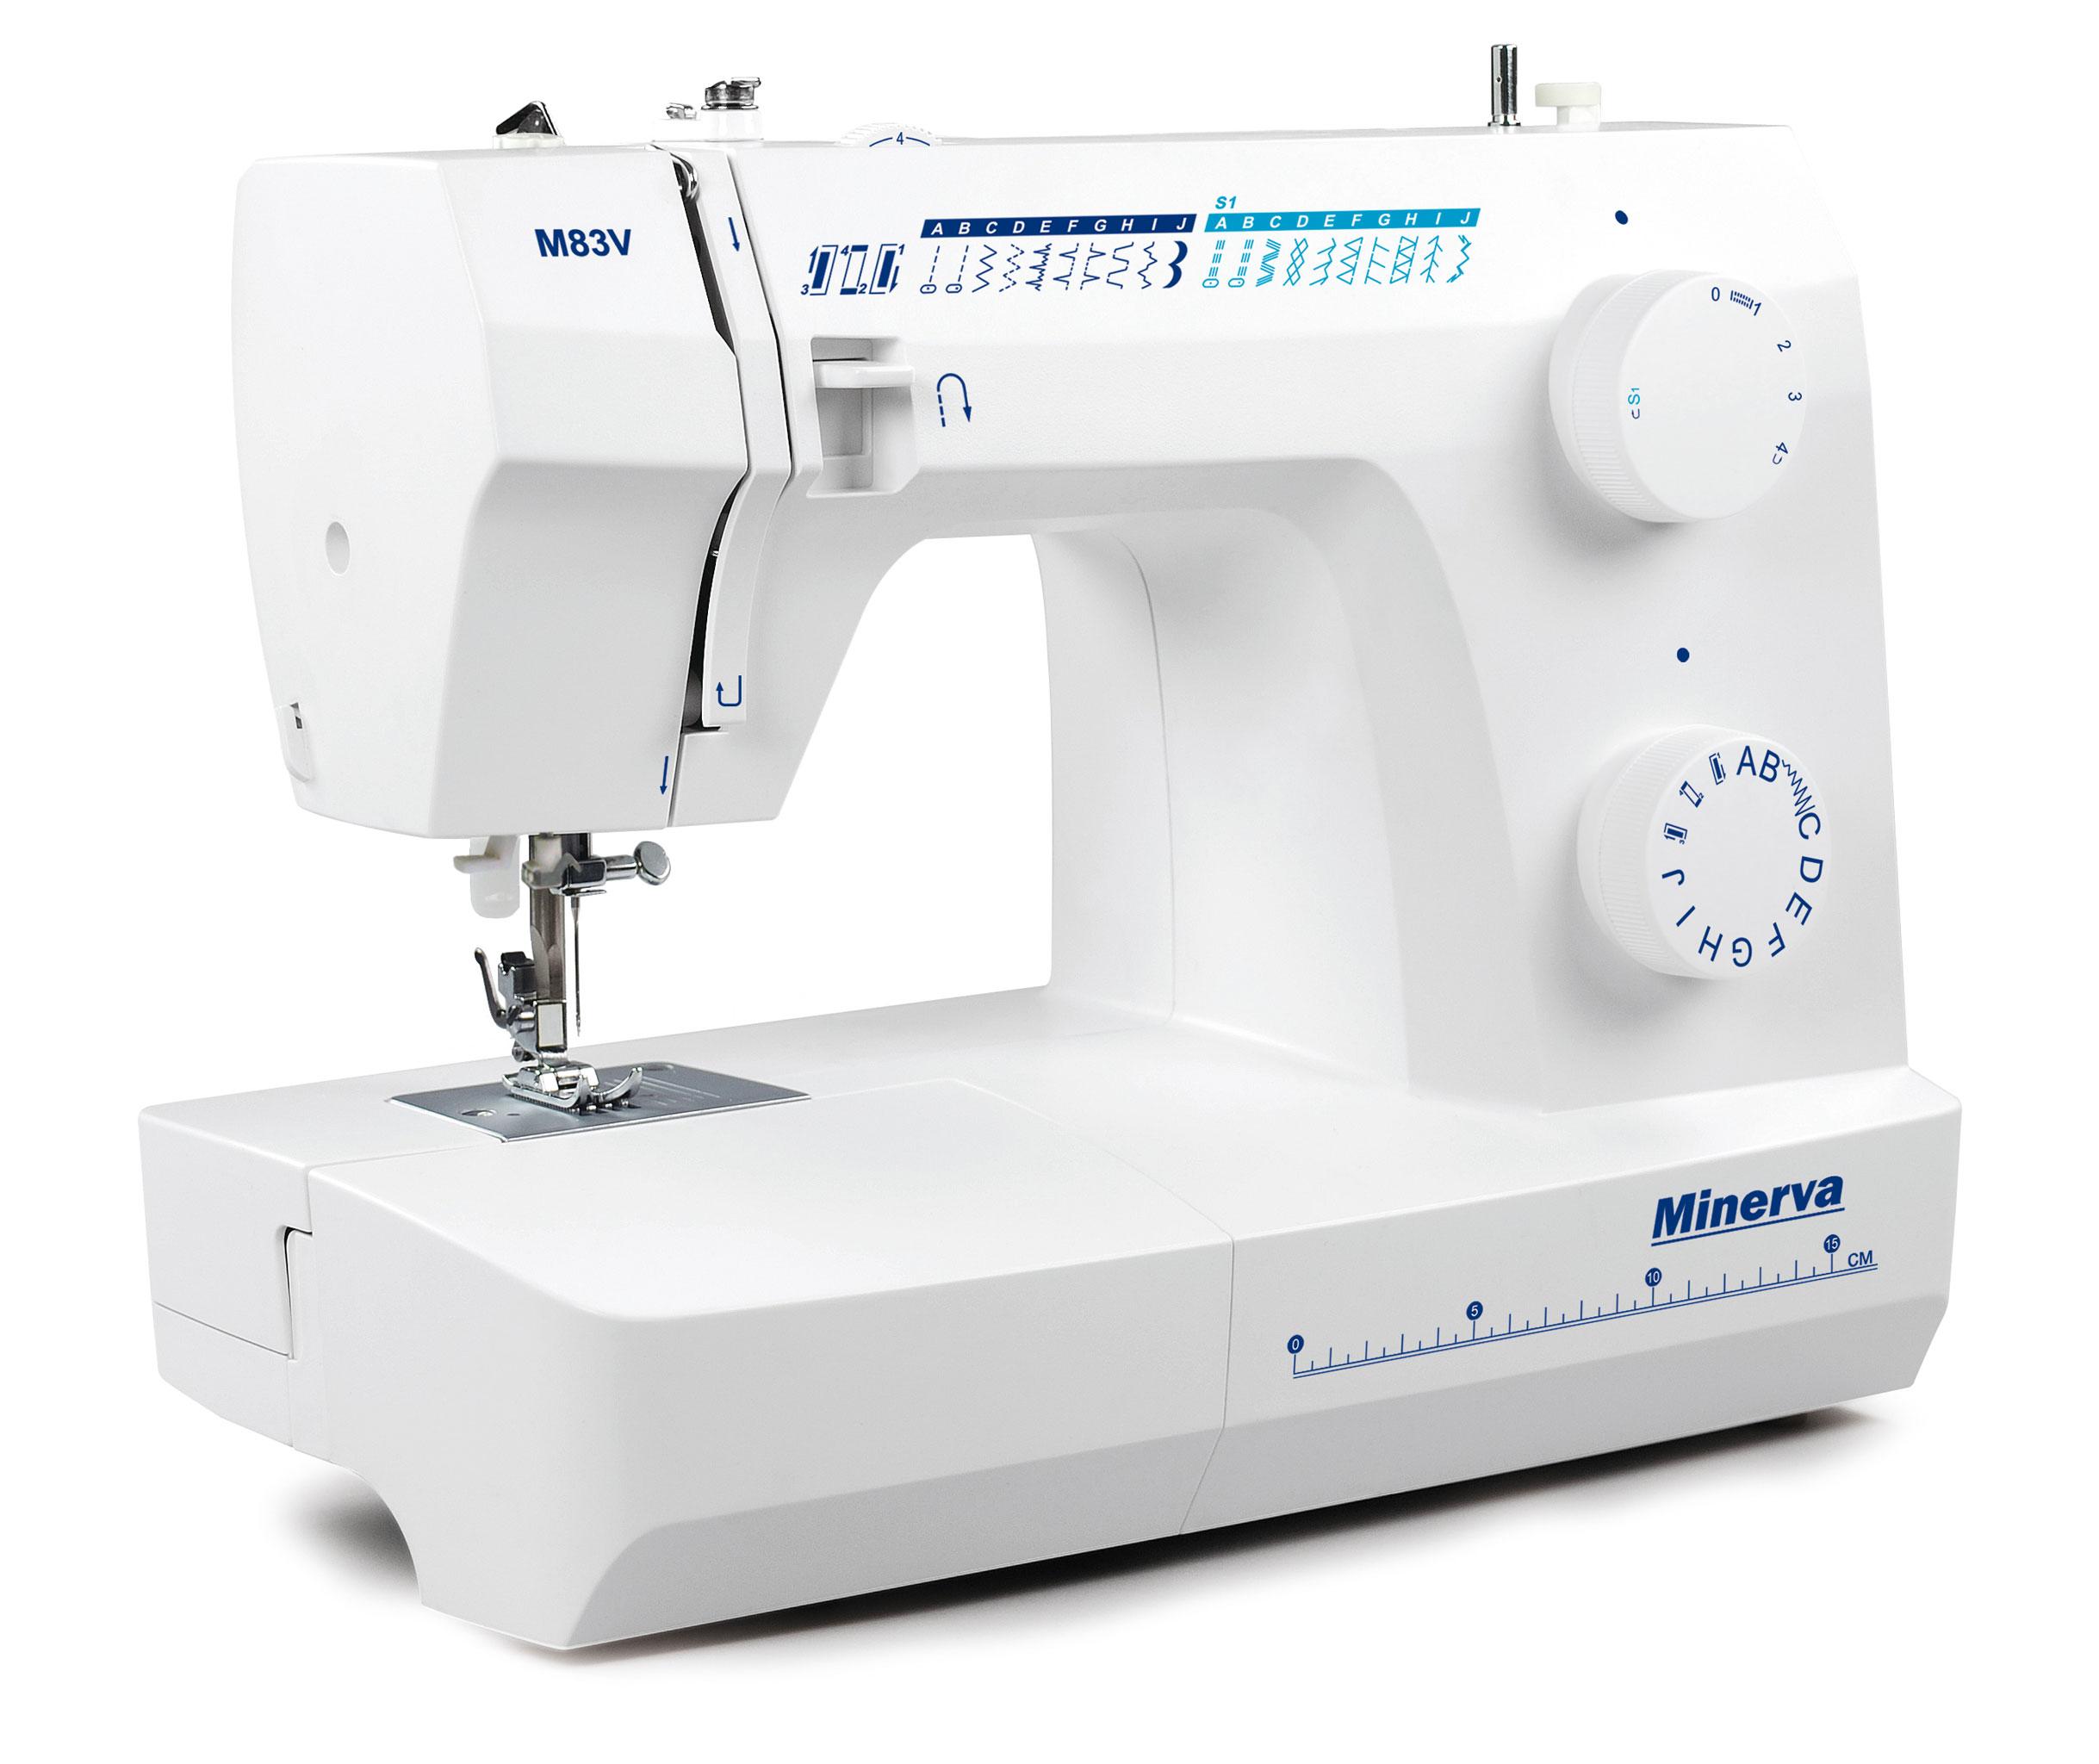 Нові моделі швейних машин Minerva - фото 2 - новина в інтернет-магазині Sewgroup